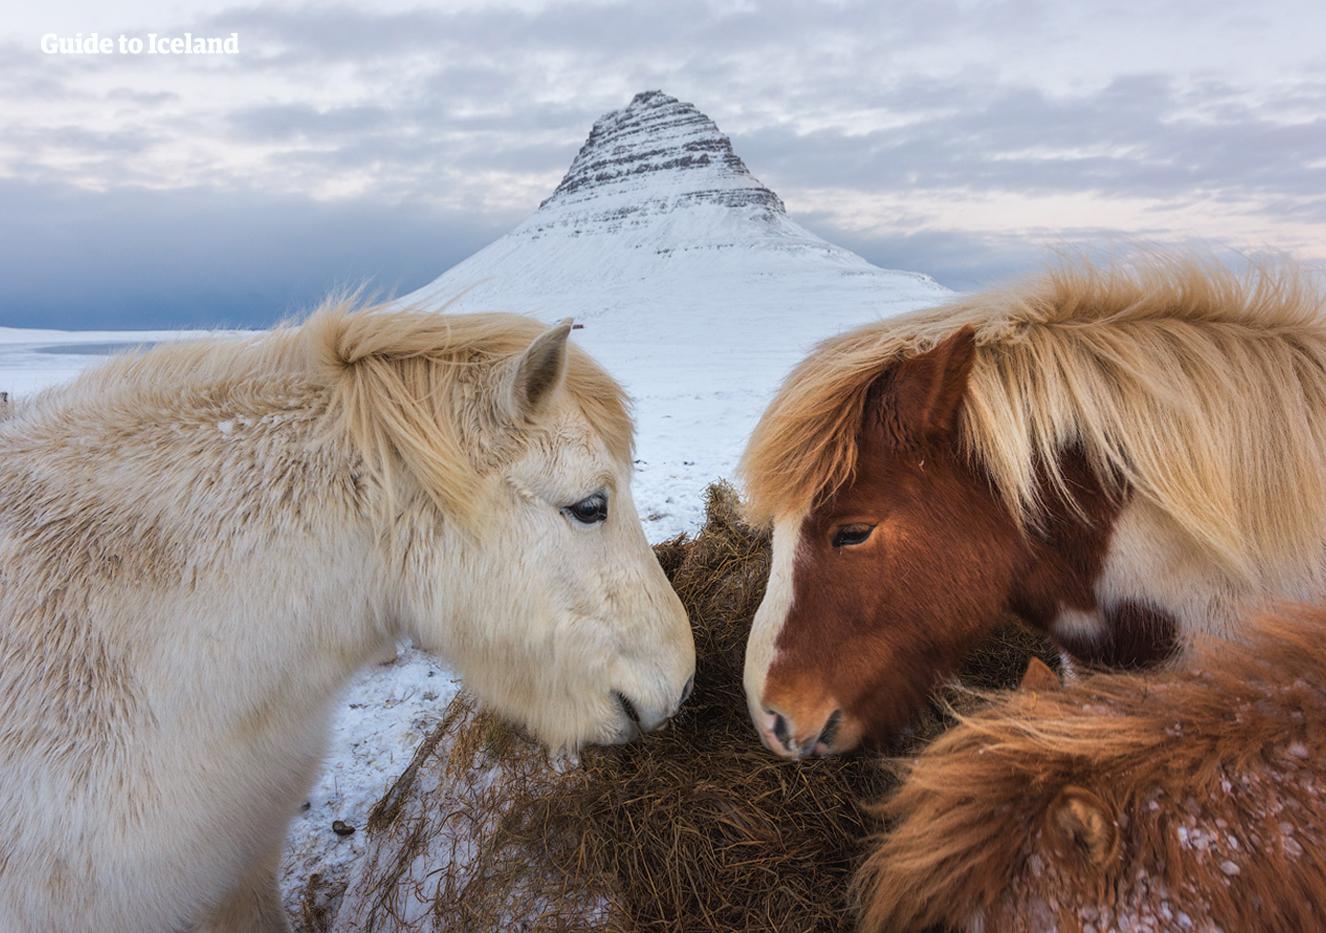 Zobacz piękną górę Kirkjufell na półwyspie Snæfellsnes dzięki temu pakietowi wycieczek po Islandii ze zniżką.